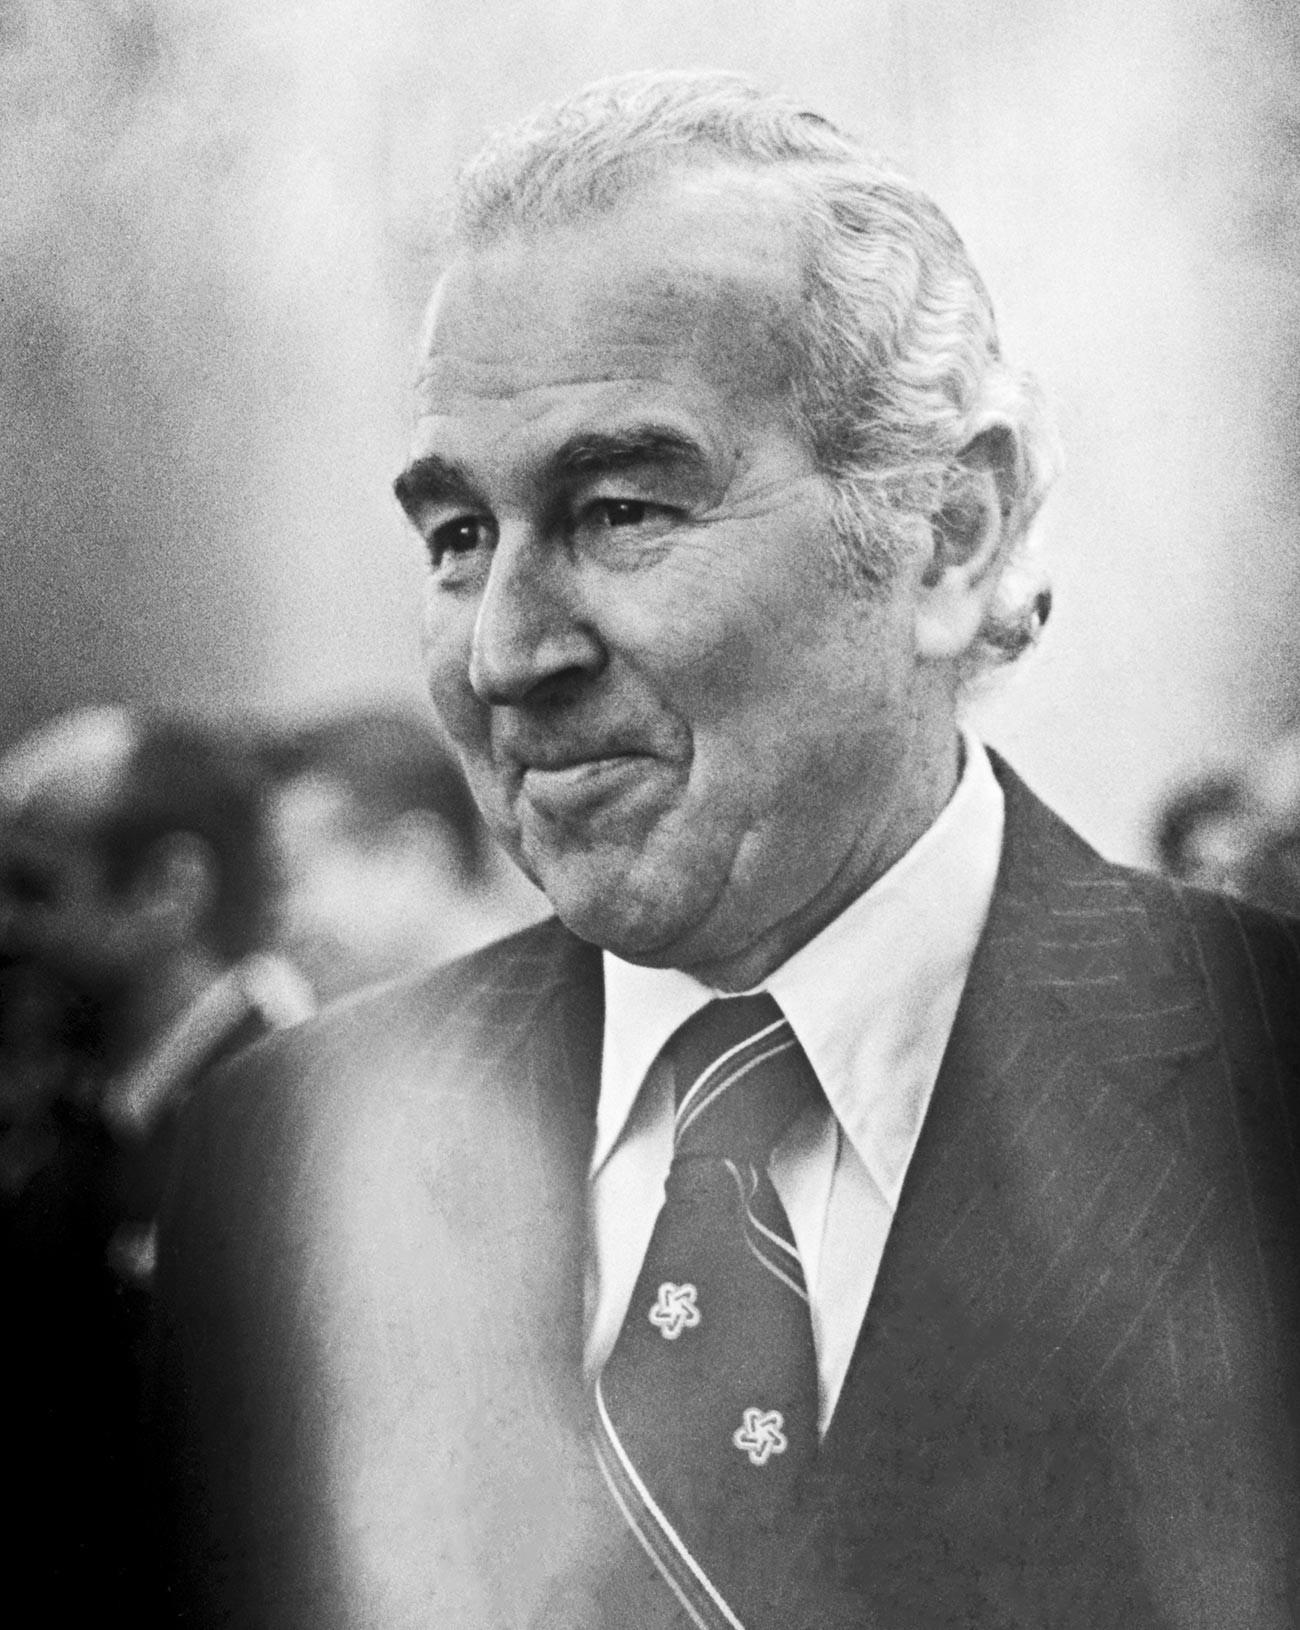 Malcolm Toon, el elegido por Jimmy Carter para el puesto de embajador de EE UU en la Unión Soviética